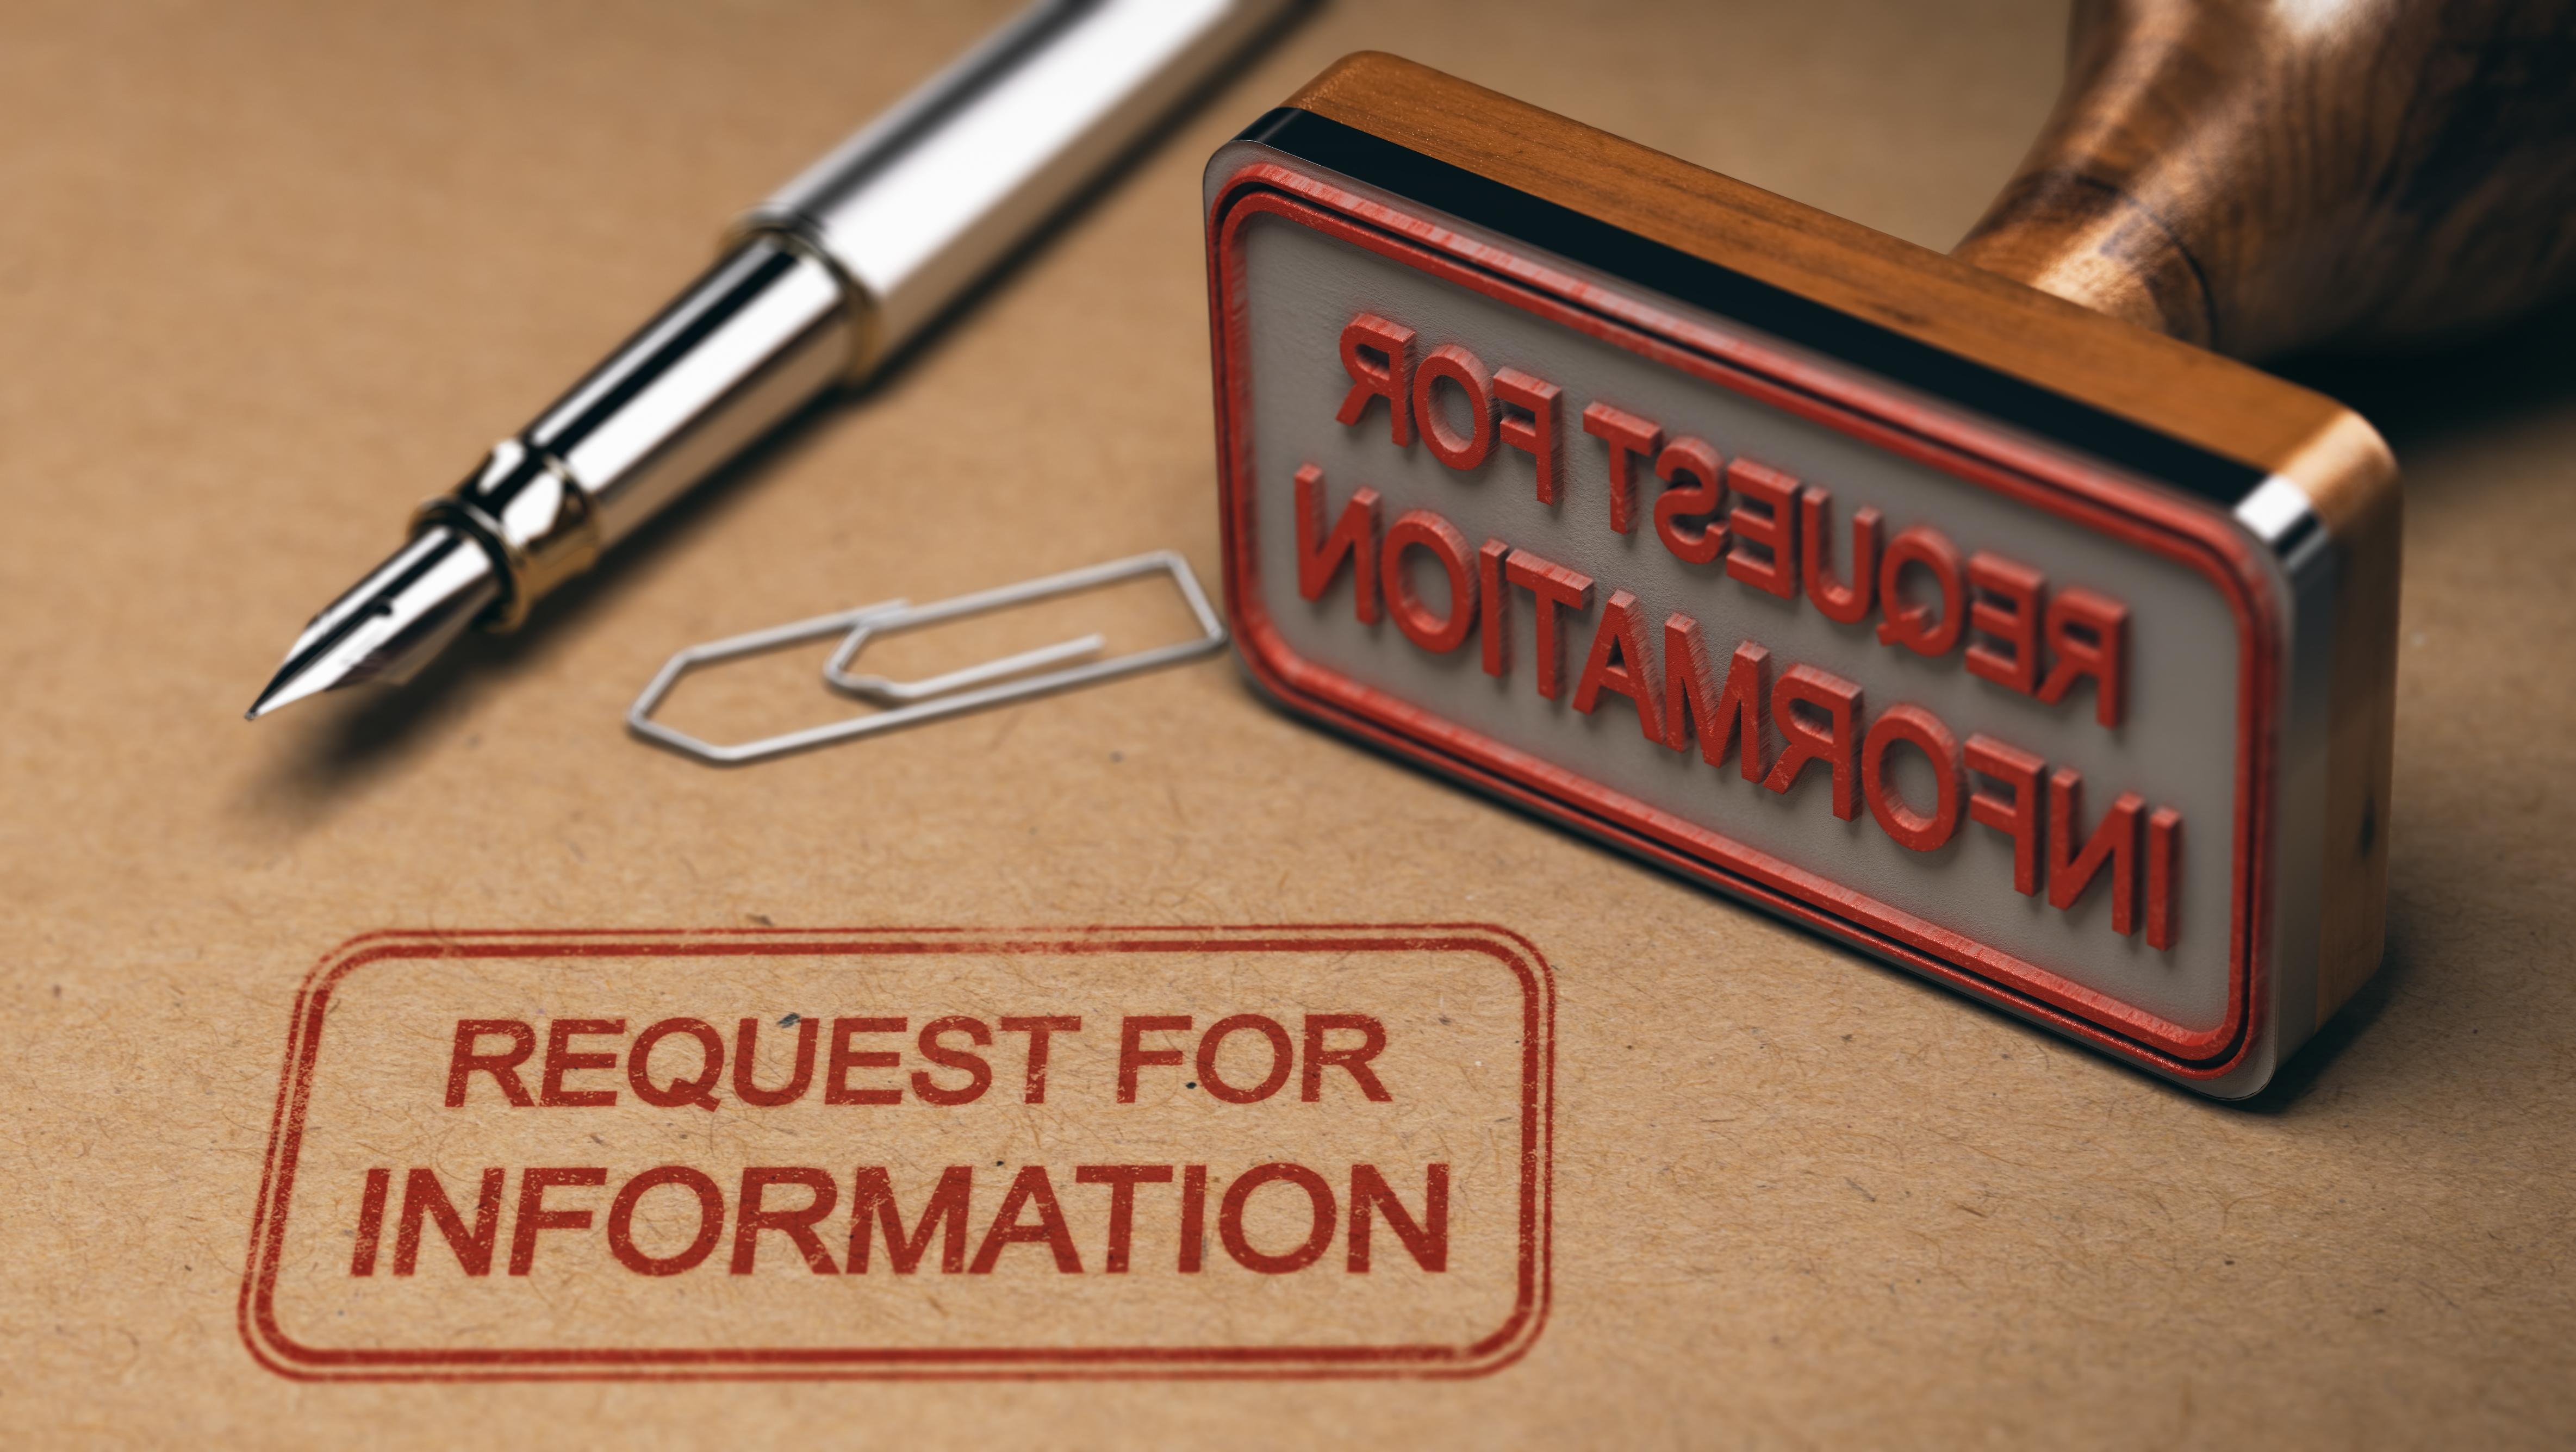 Yêu cầu cung cấp thông tin (Request For Information - RFI) là gì? Trường hợp nên sử dụng